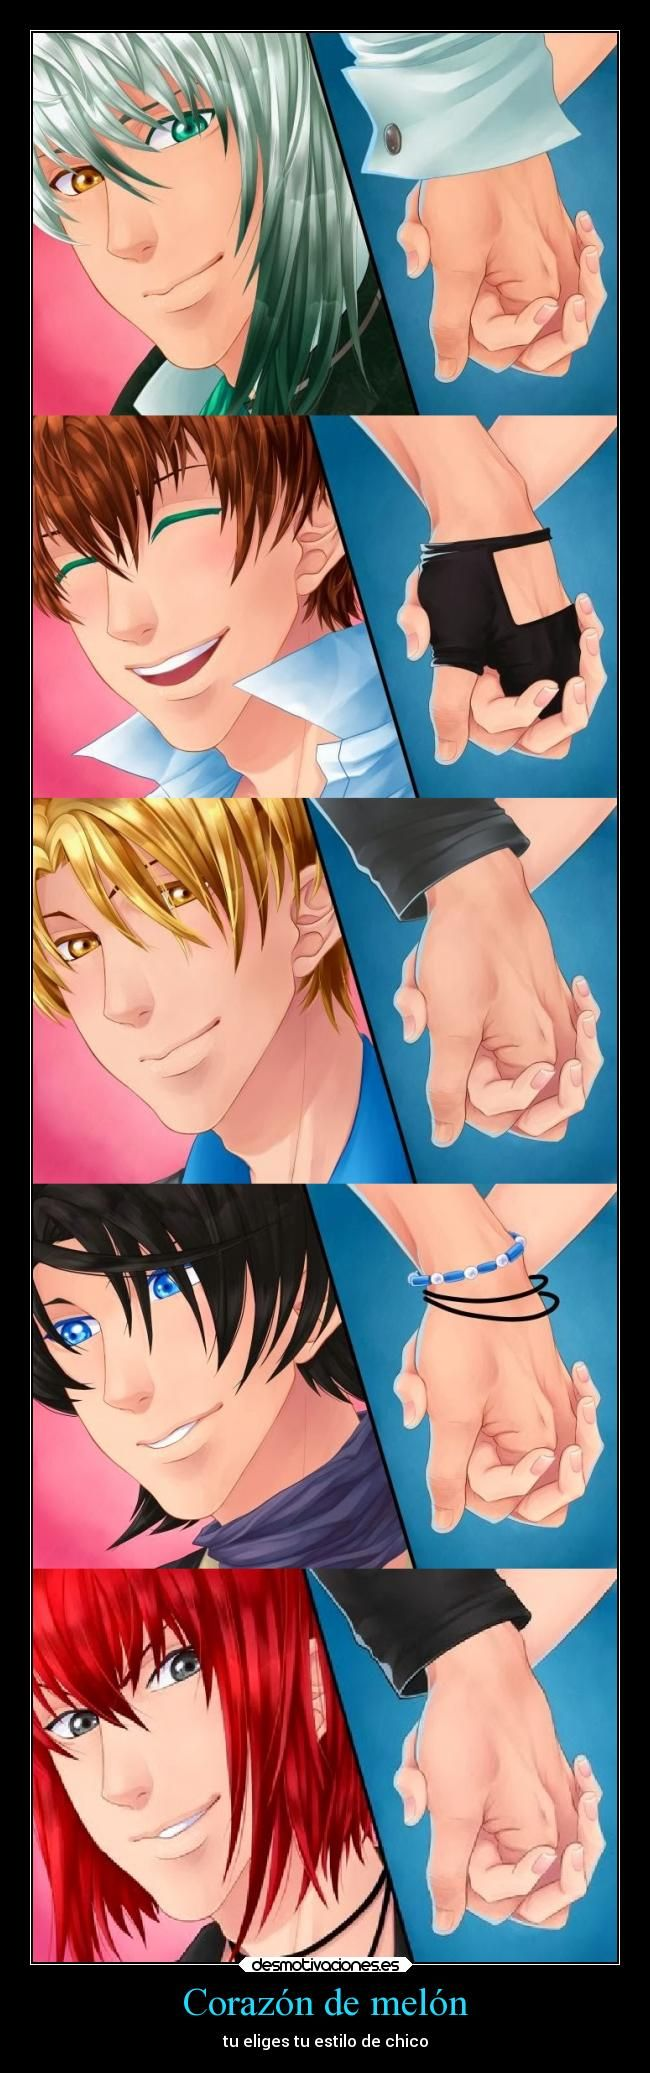 El mejor es Armin.  PD:no puedo dejar de alagarlo es ¡¡TAN LINDO!! ¡¡Y LYSANDRO TAMBIÉN !! (Son mis 2 chicos favoritos)